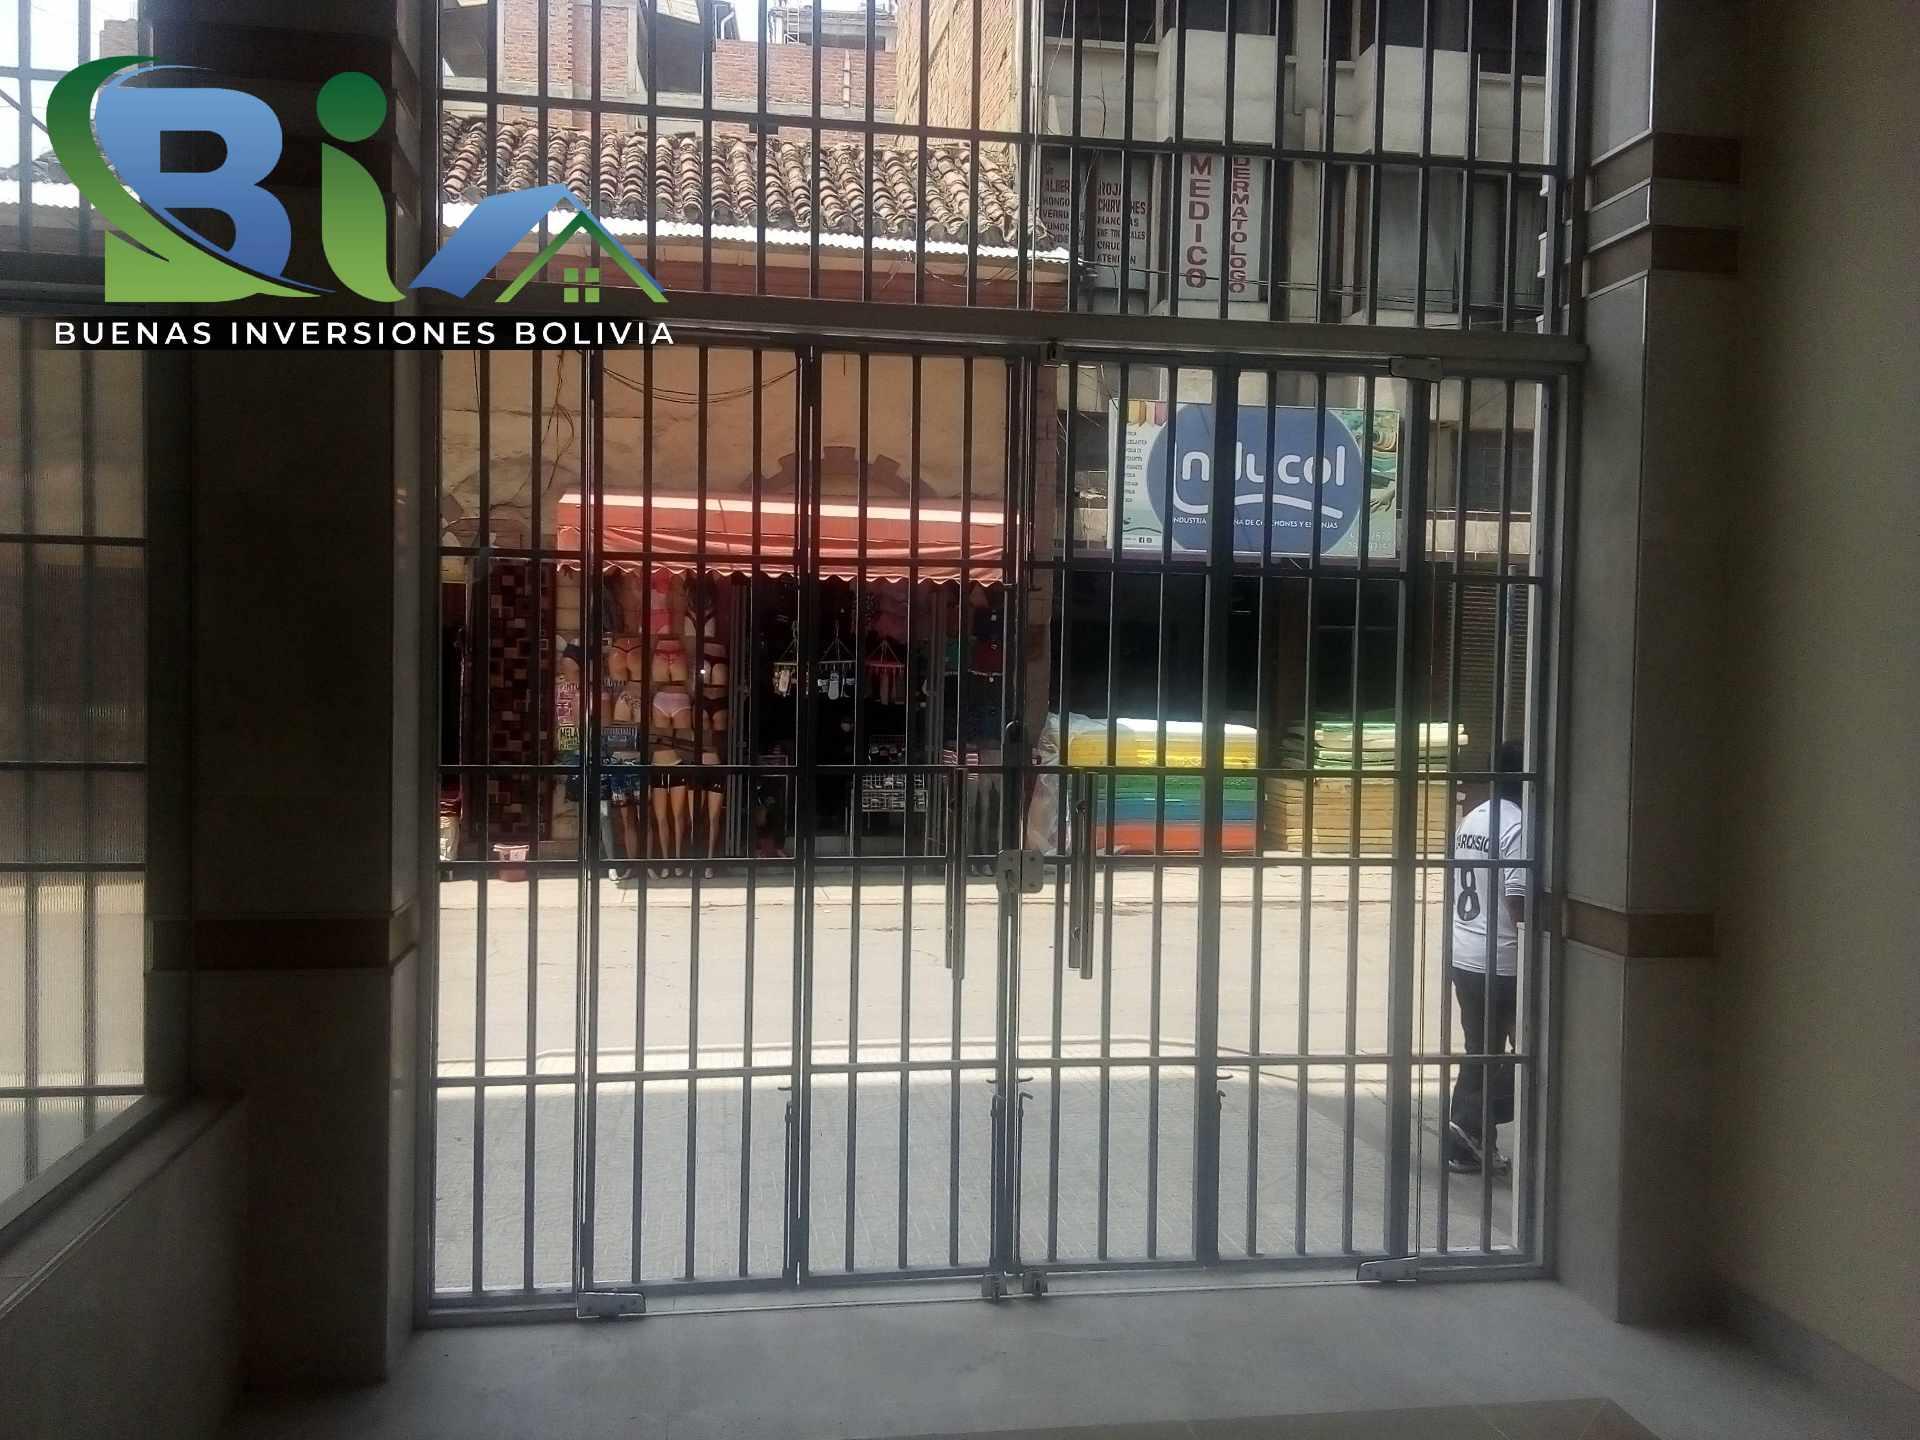 Local comercial en Alquiler Bs.2.500.- ALQUILER LOCAL COMERCIAL+BAÑO PRIVADO CALLE ESTEBAN ARCE Foto 9